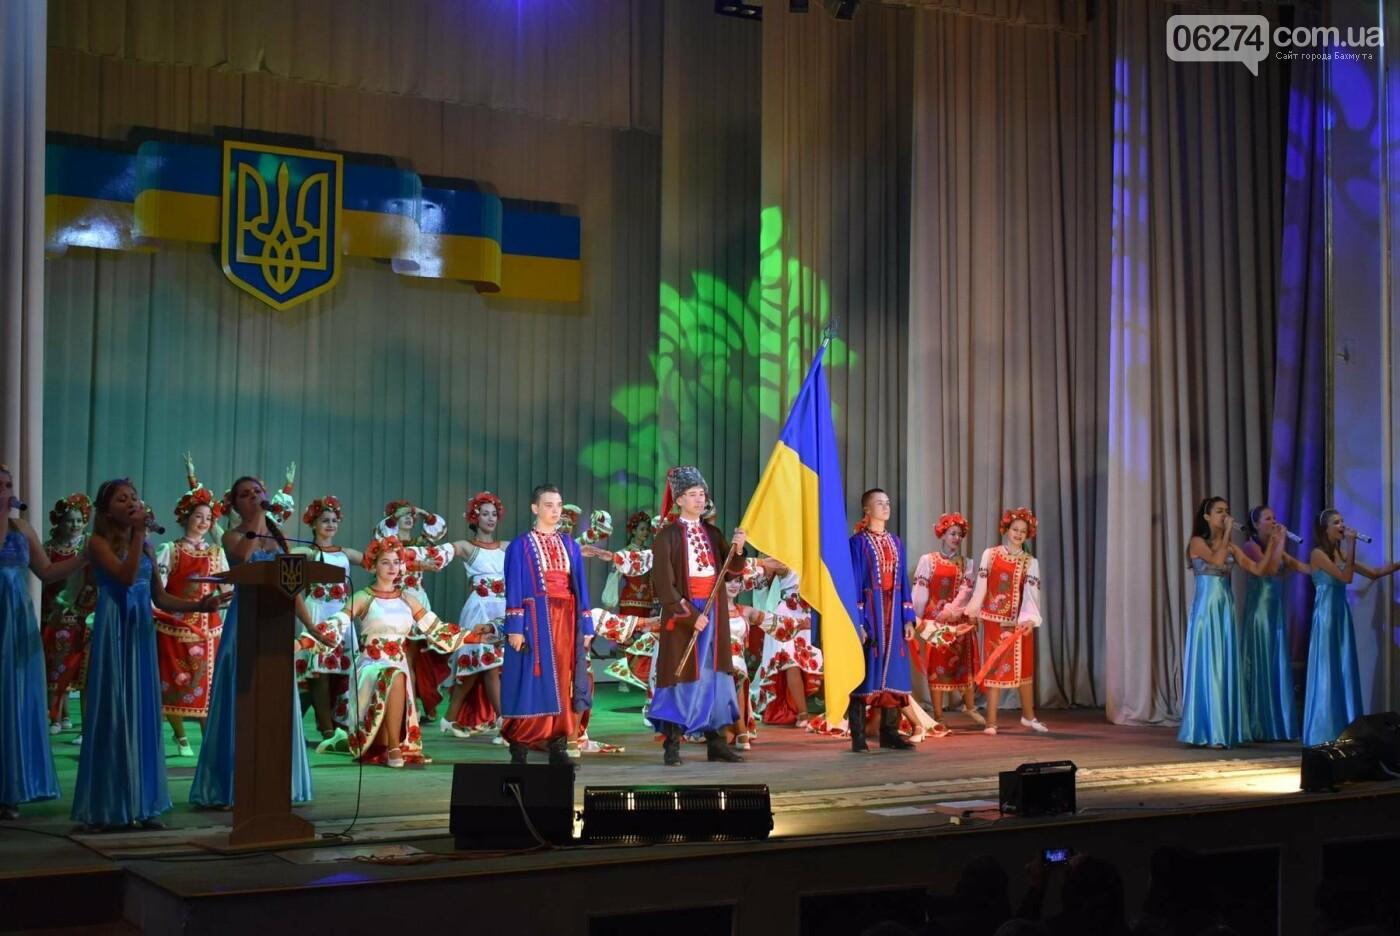 В Бахмуте празднуют День защитника Украины, фото-6